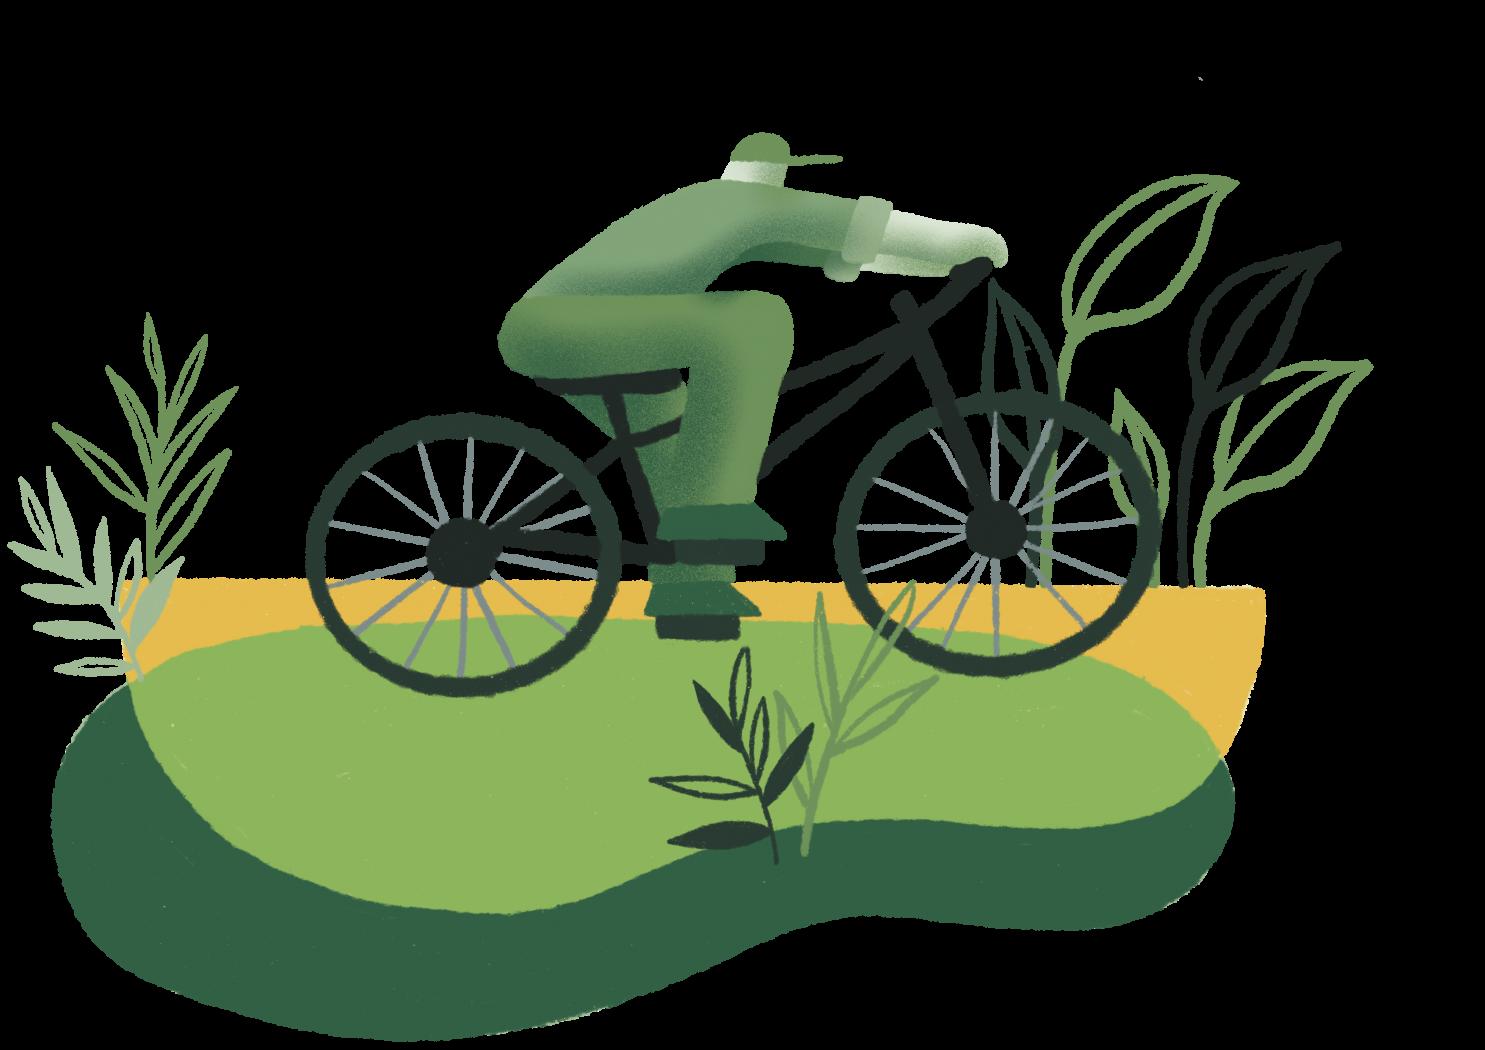 E-kolesarjenje